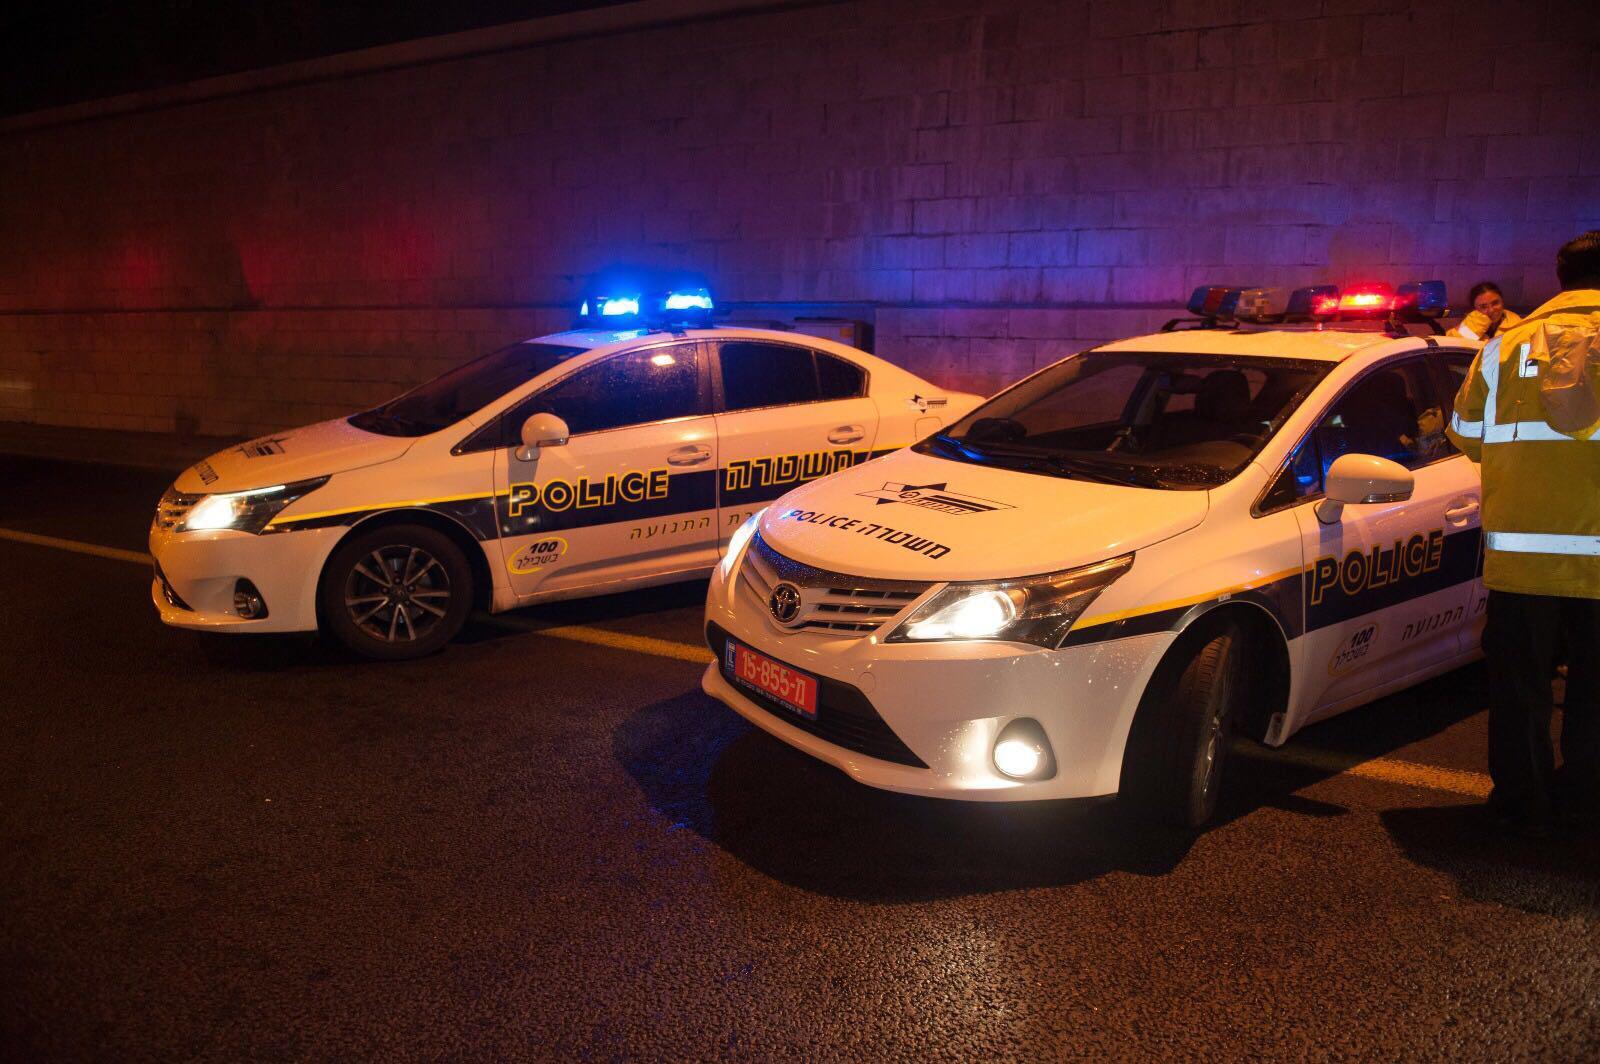 חגיגות סוף השנה: שוטרי המחוז הצפוני – יתפרשו באזורי הבילוי והאלכוהול